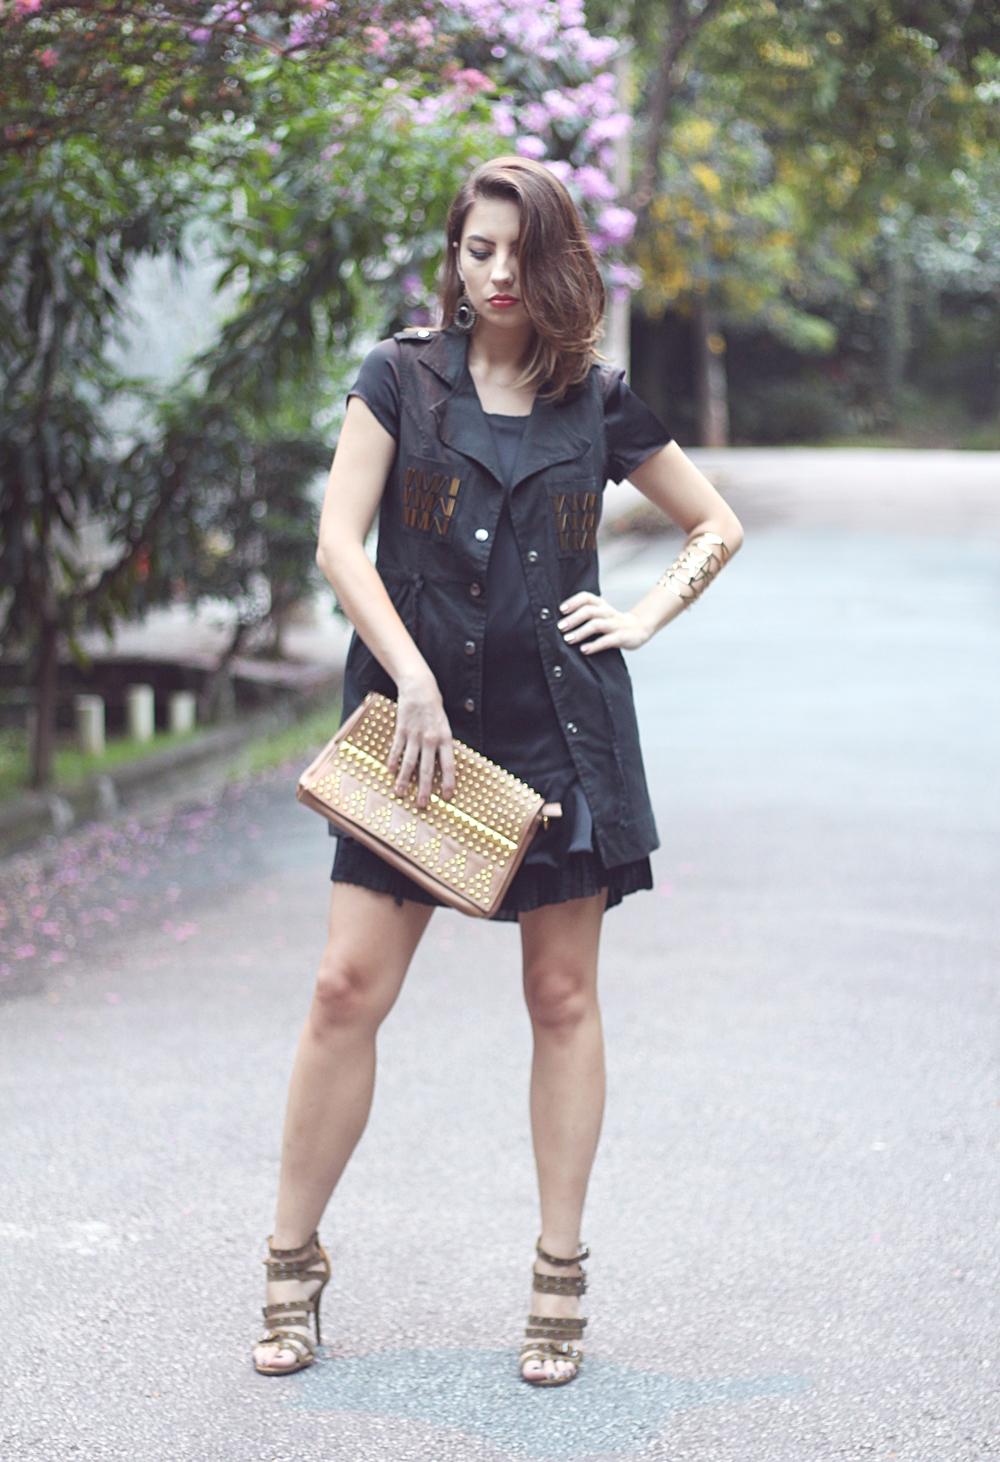 vanduarte-como-usar-vestido-preto (11)